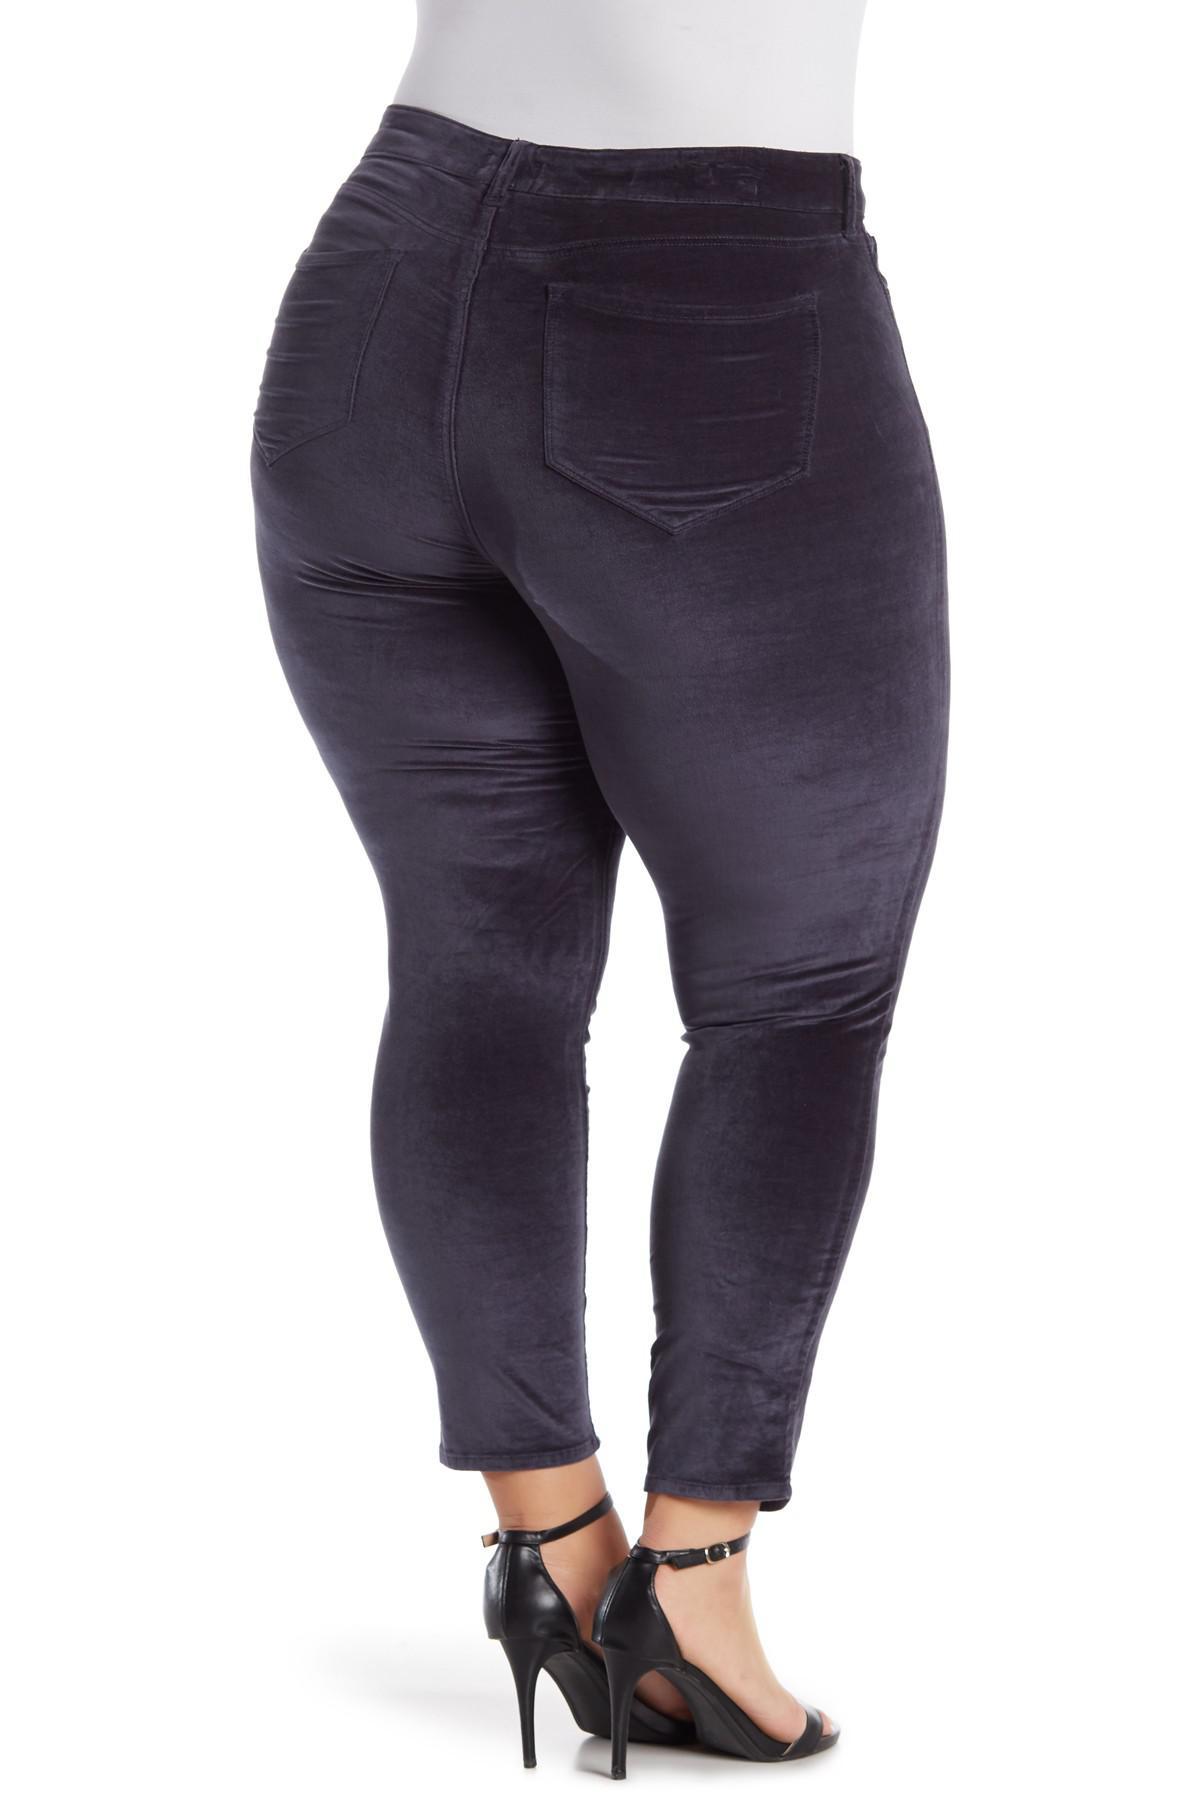 7f47f12b8f2 NYDJ - Blue Ami Skinny Legging Jeans (plus Size) - Lyst. View fullscreen